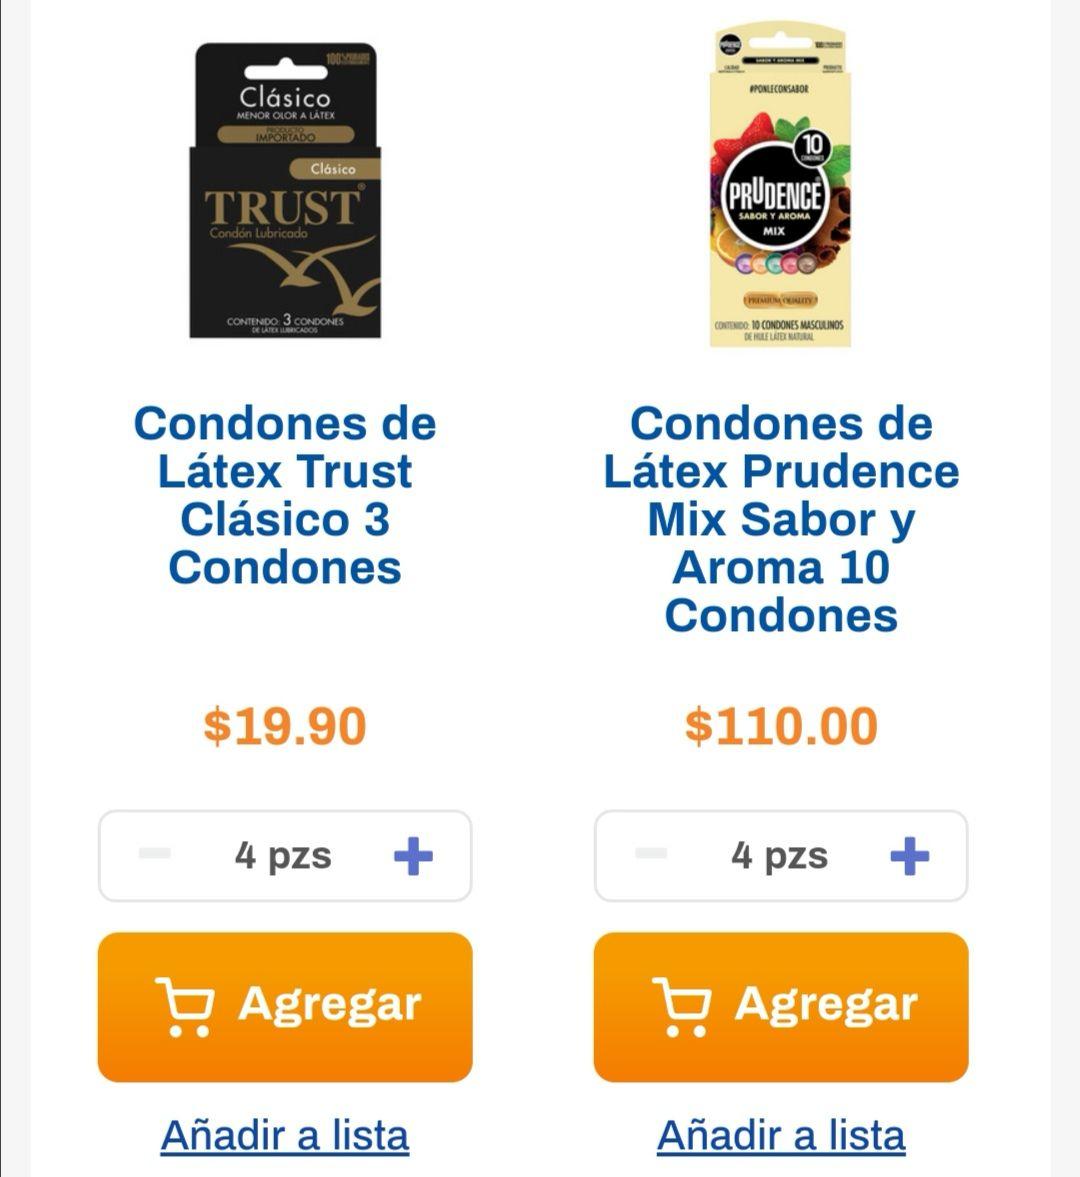 Chedraui: 4 x 2 en preservativos Prudence seleccionados... 3 x 2 en preservativos Prudence seleccionados